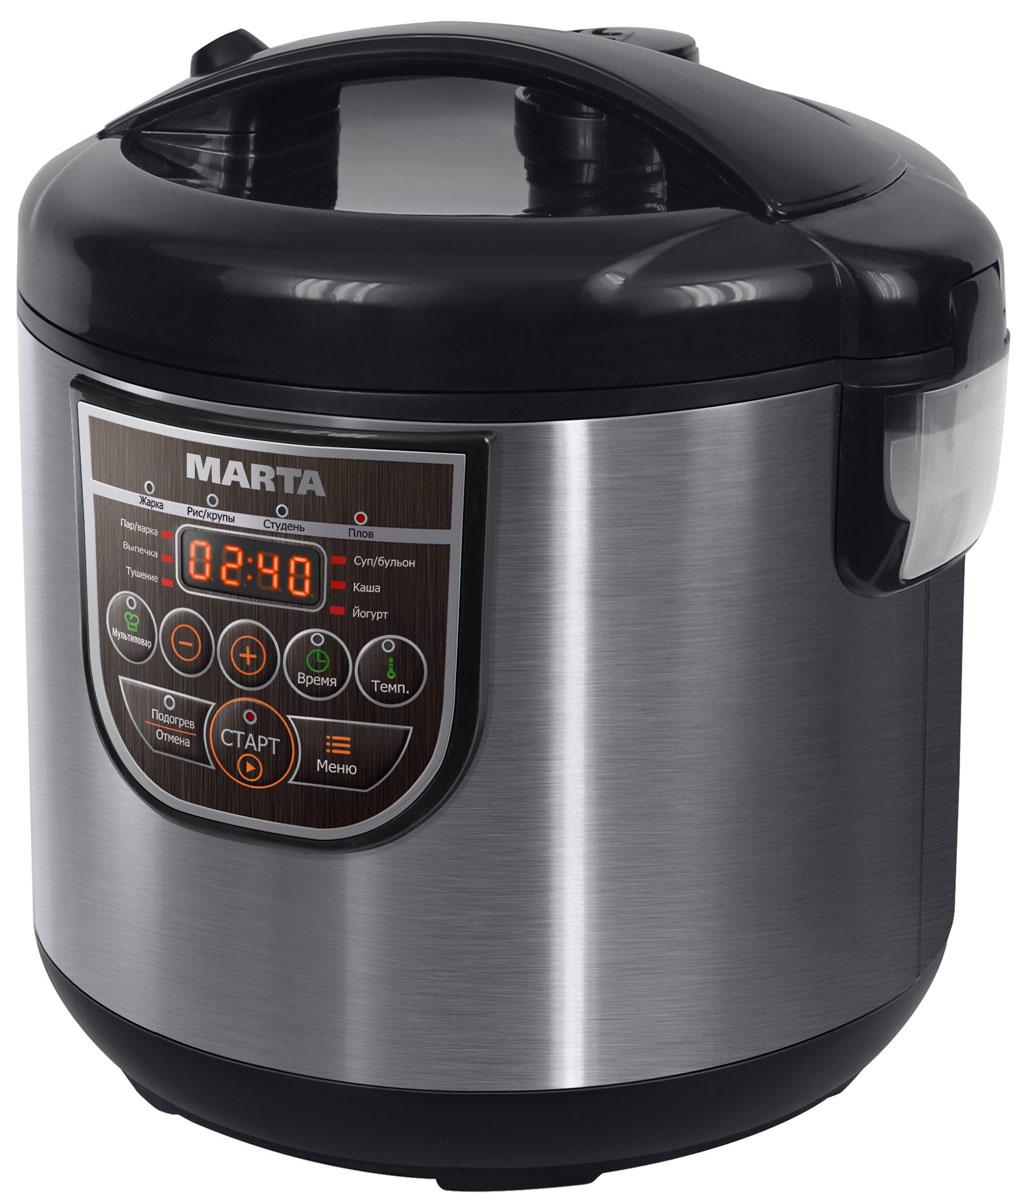 Marta MT-4324 CK2, Black Pearl мультиварка